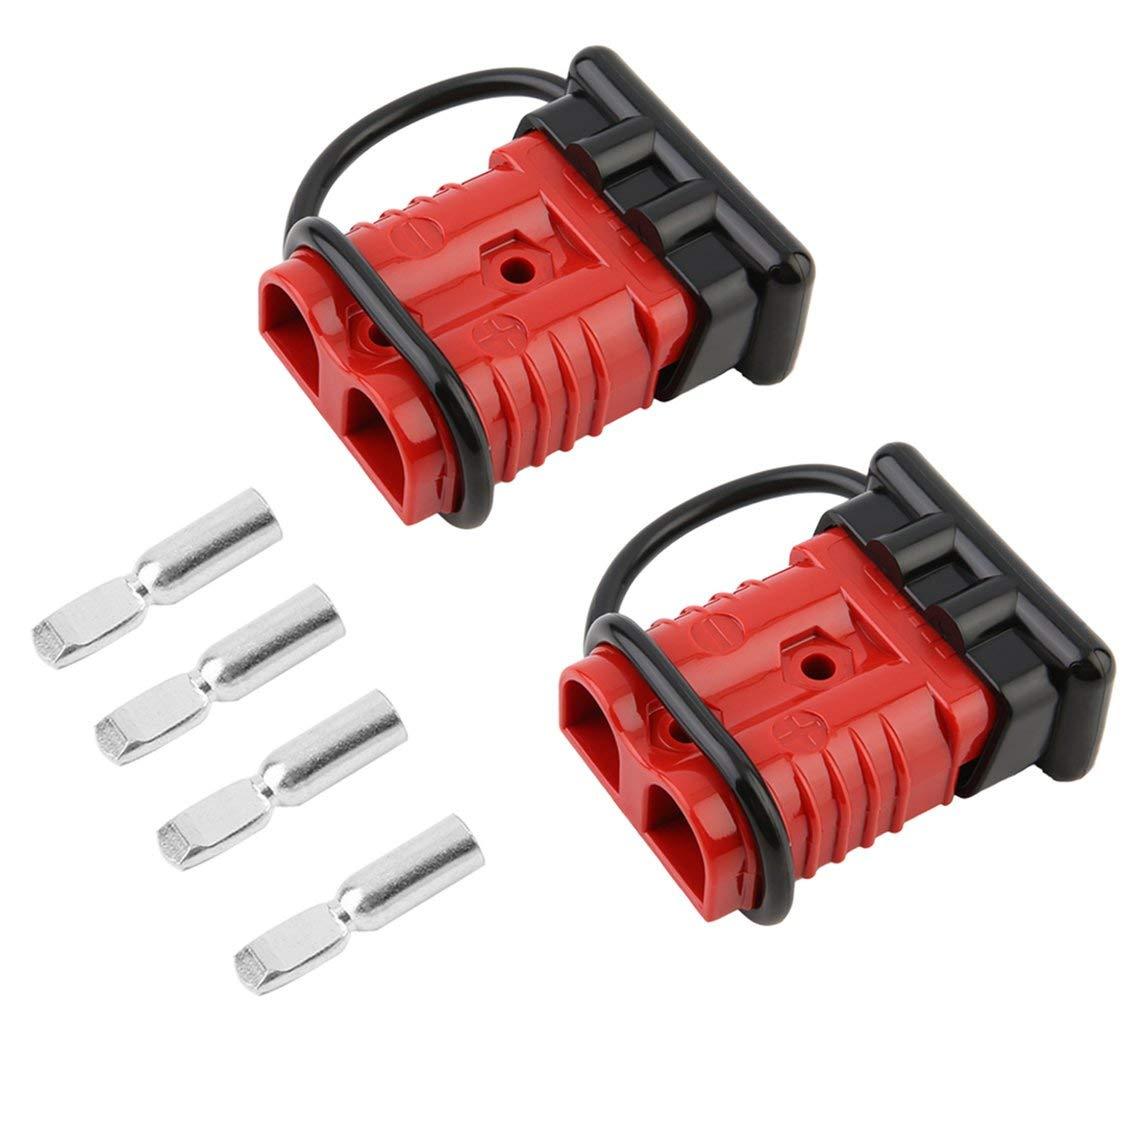 Mazur Anti-poussiè re Batterie 175A Quick Connect Plug Tool Outil de tré pan de ré cupé ration pour Trousse de Pilote 2-4 pour vé hicules remorques (Rouge et Noir)